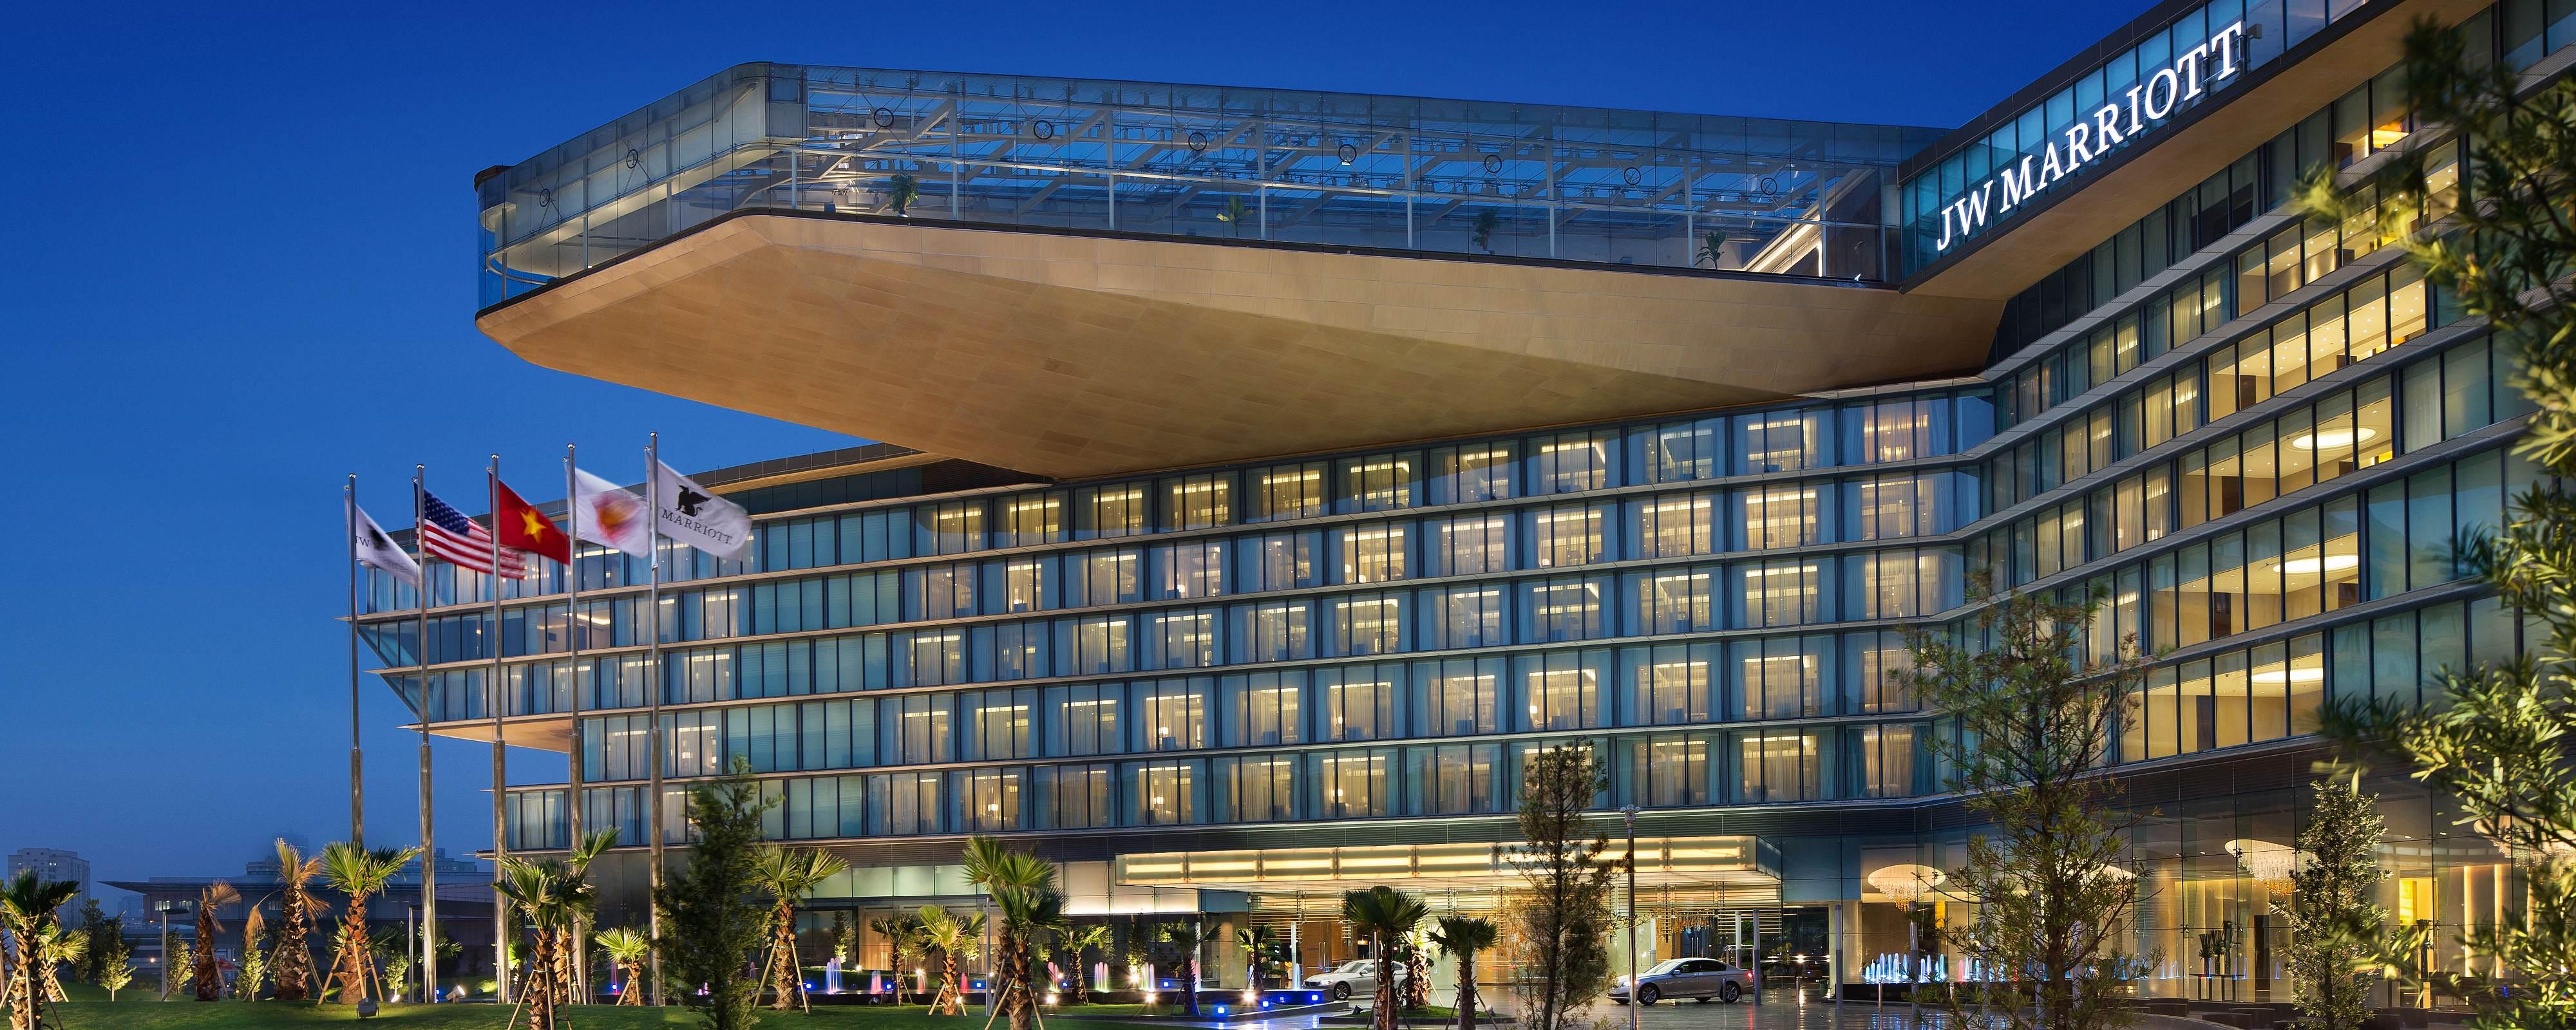 Marriott откроет 1,7 тыс. новых отелей в ближайшие три года